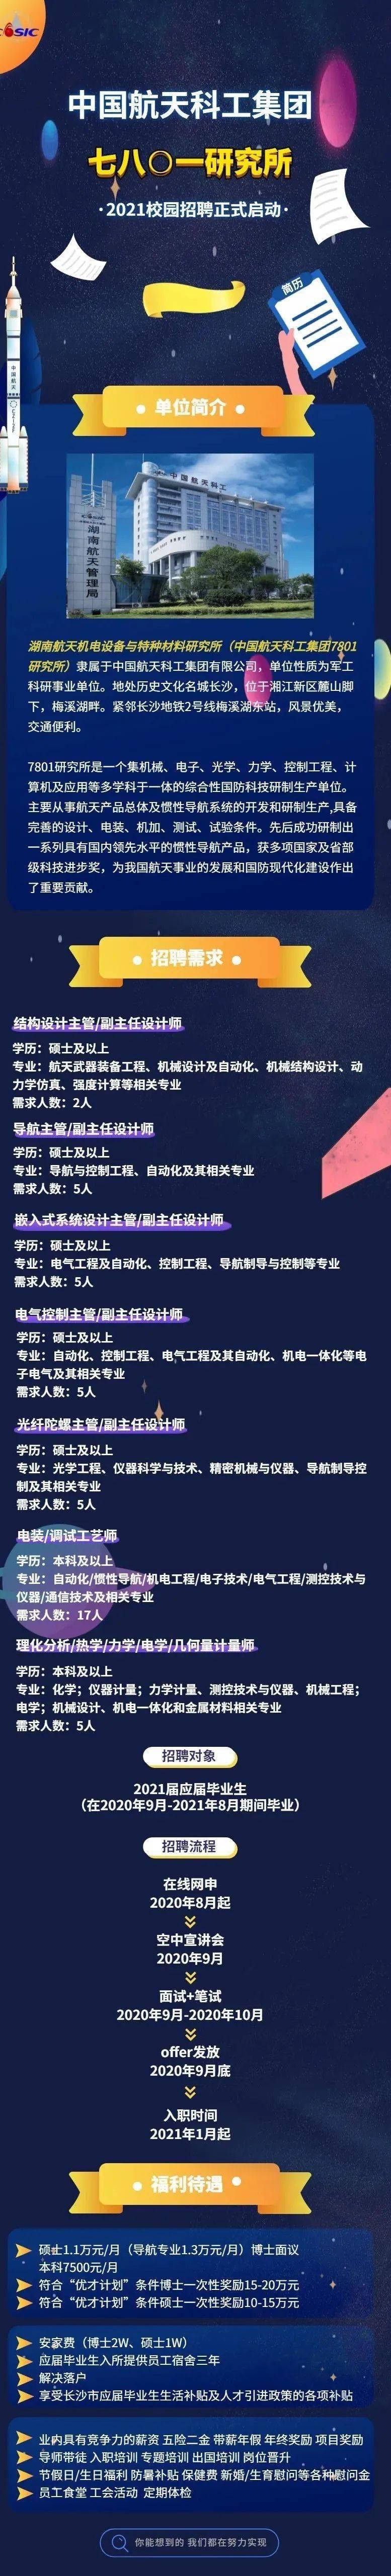 国防招募 北京 国防科技大学招